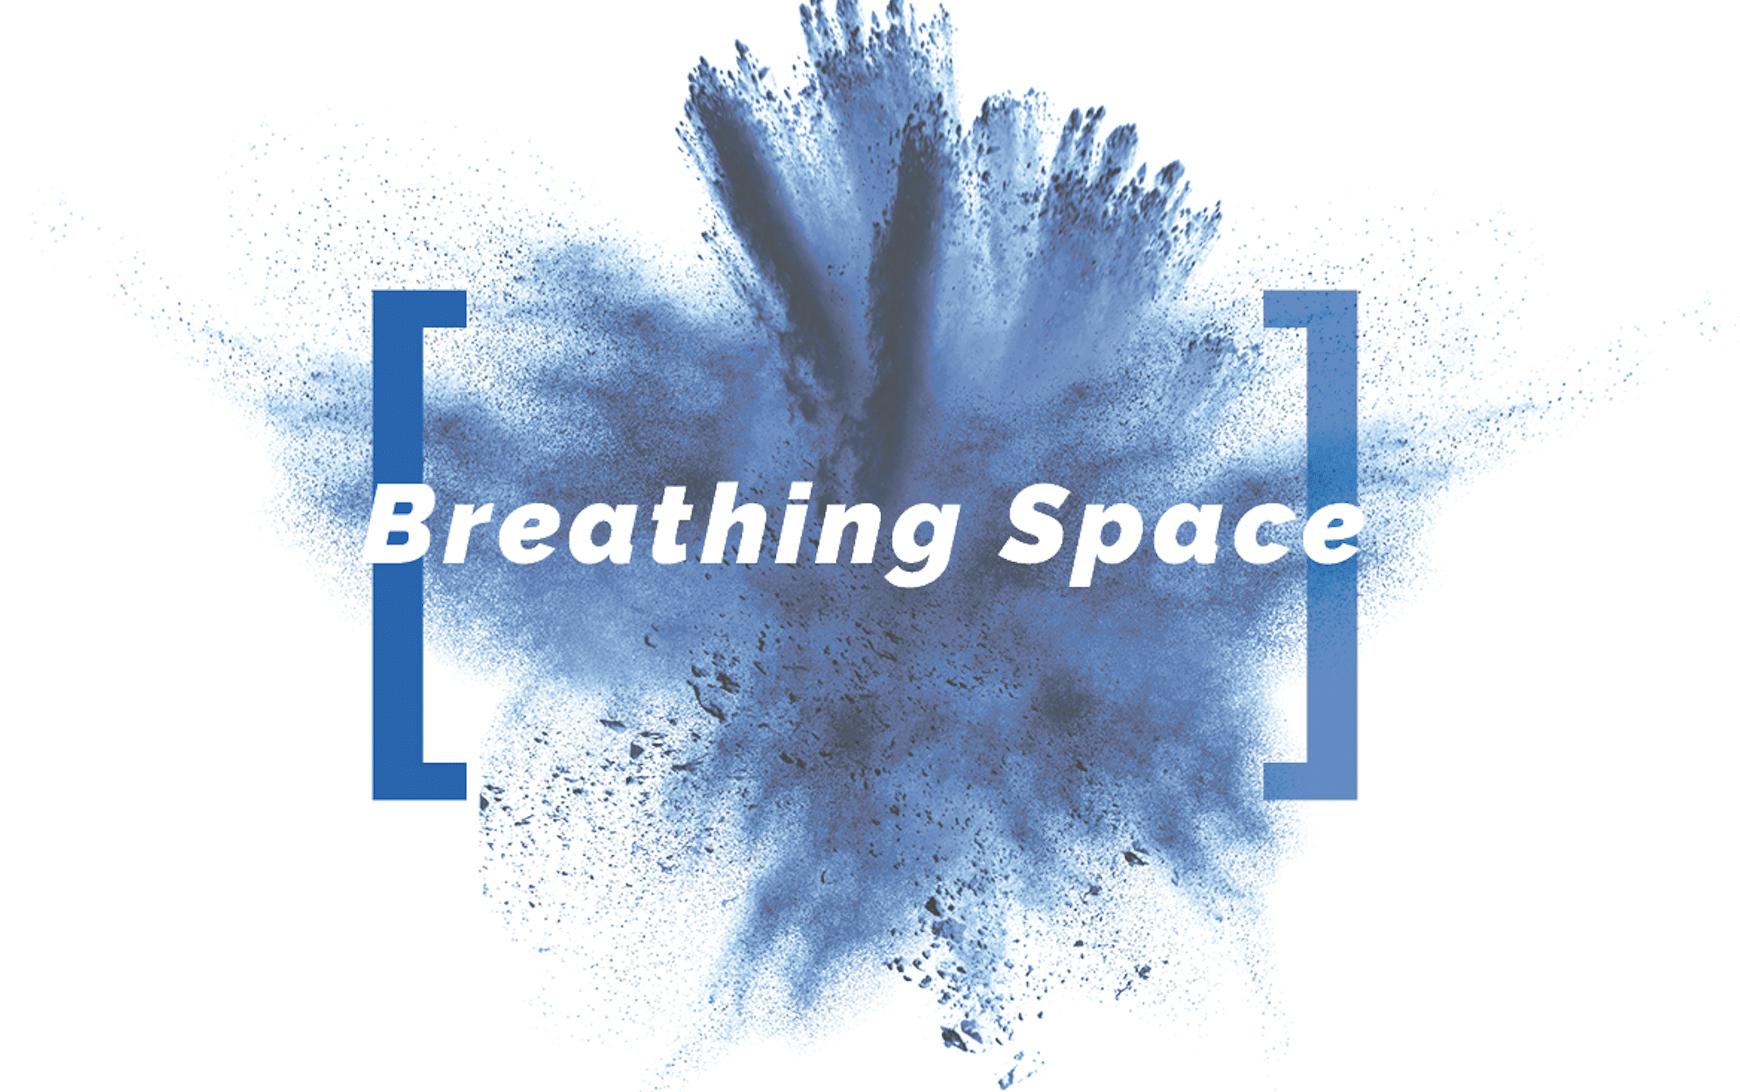 Breathing Space Program banner